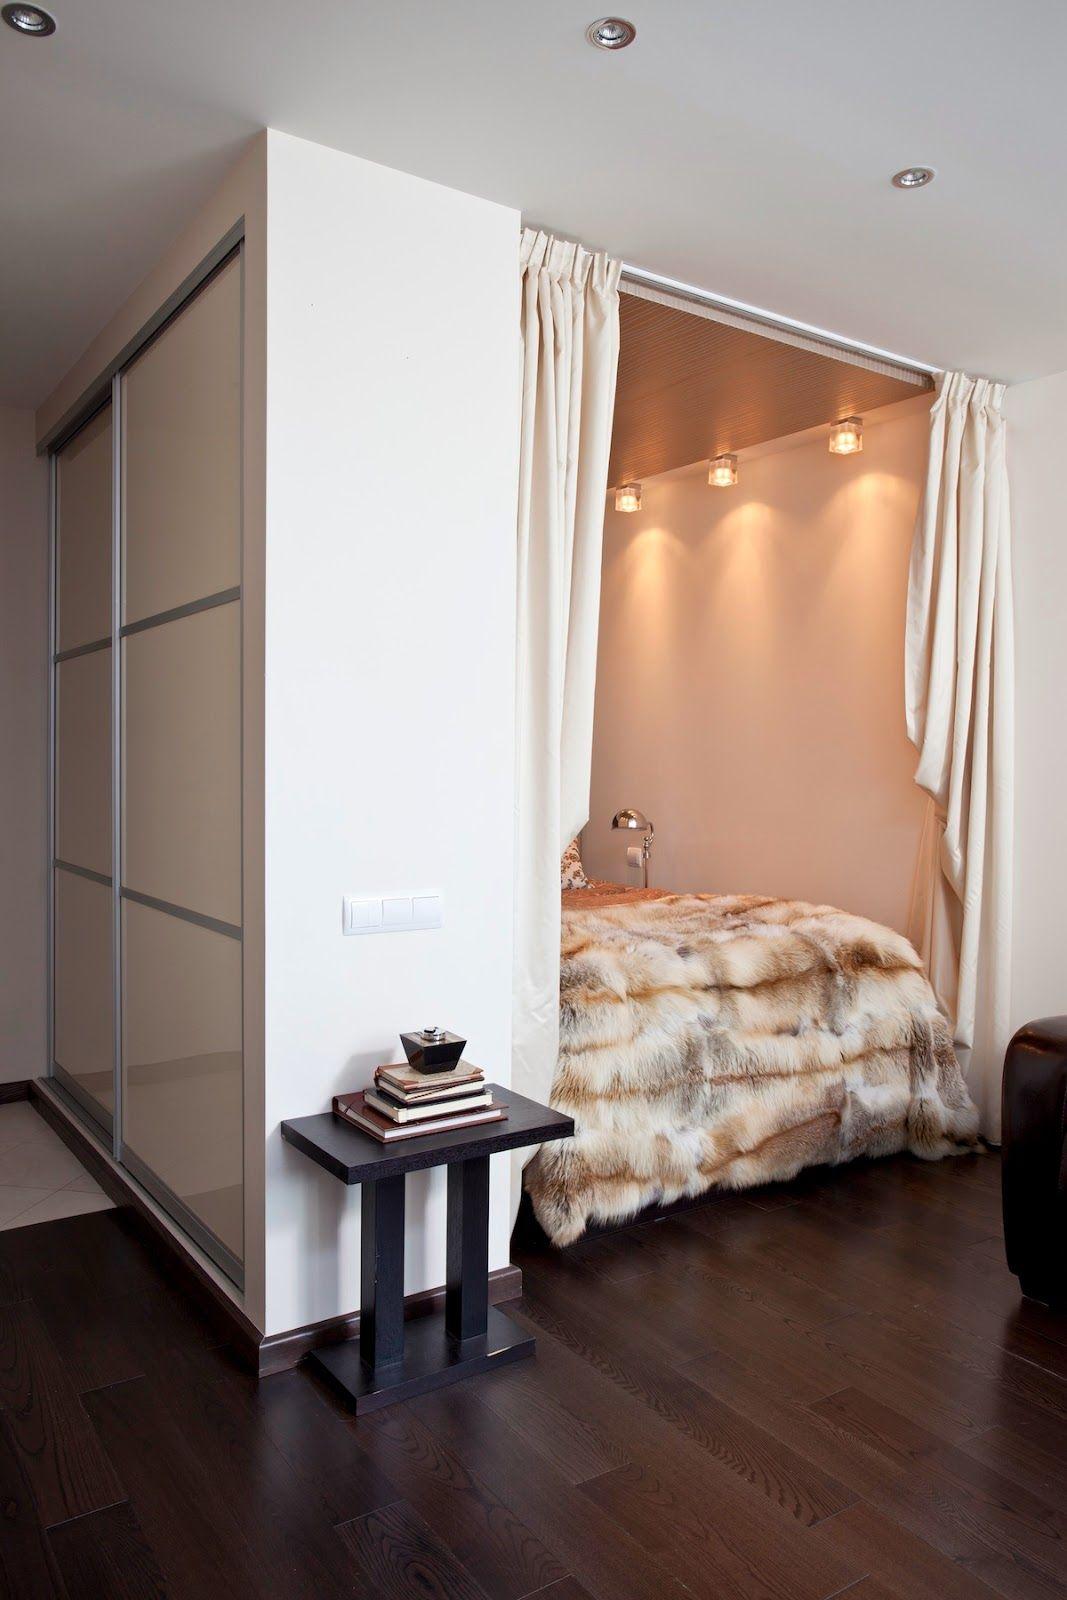 Дверь в нишу однокомнатной квартире фото